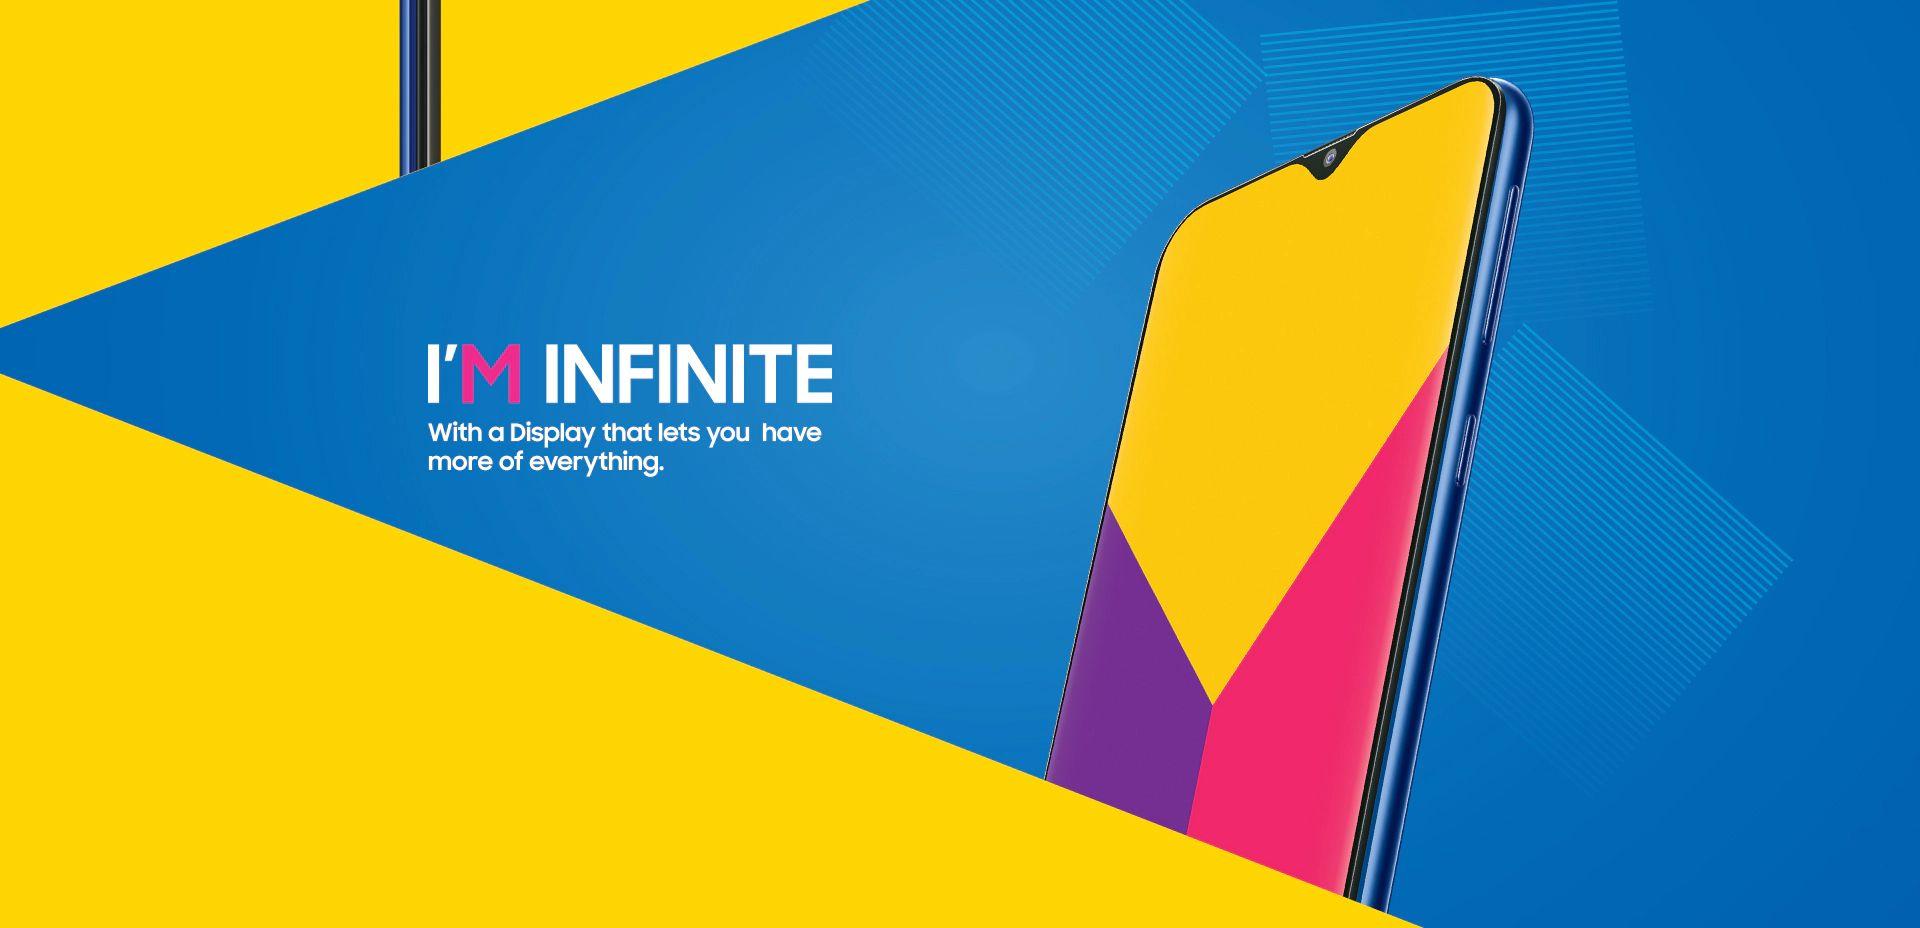 Tabletowo.pl Specyfikacja Samsungów Galaxy M20 i Galaxy M10 potwierdzona. Jest też zdjęcie tego pierwszego Android Plotki / Przecieki Samsung Smartfony